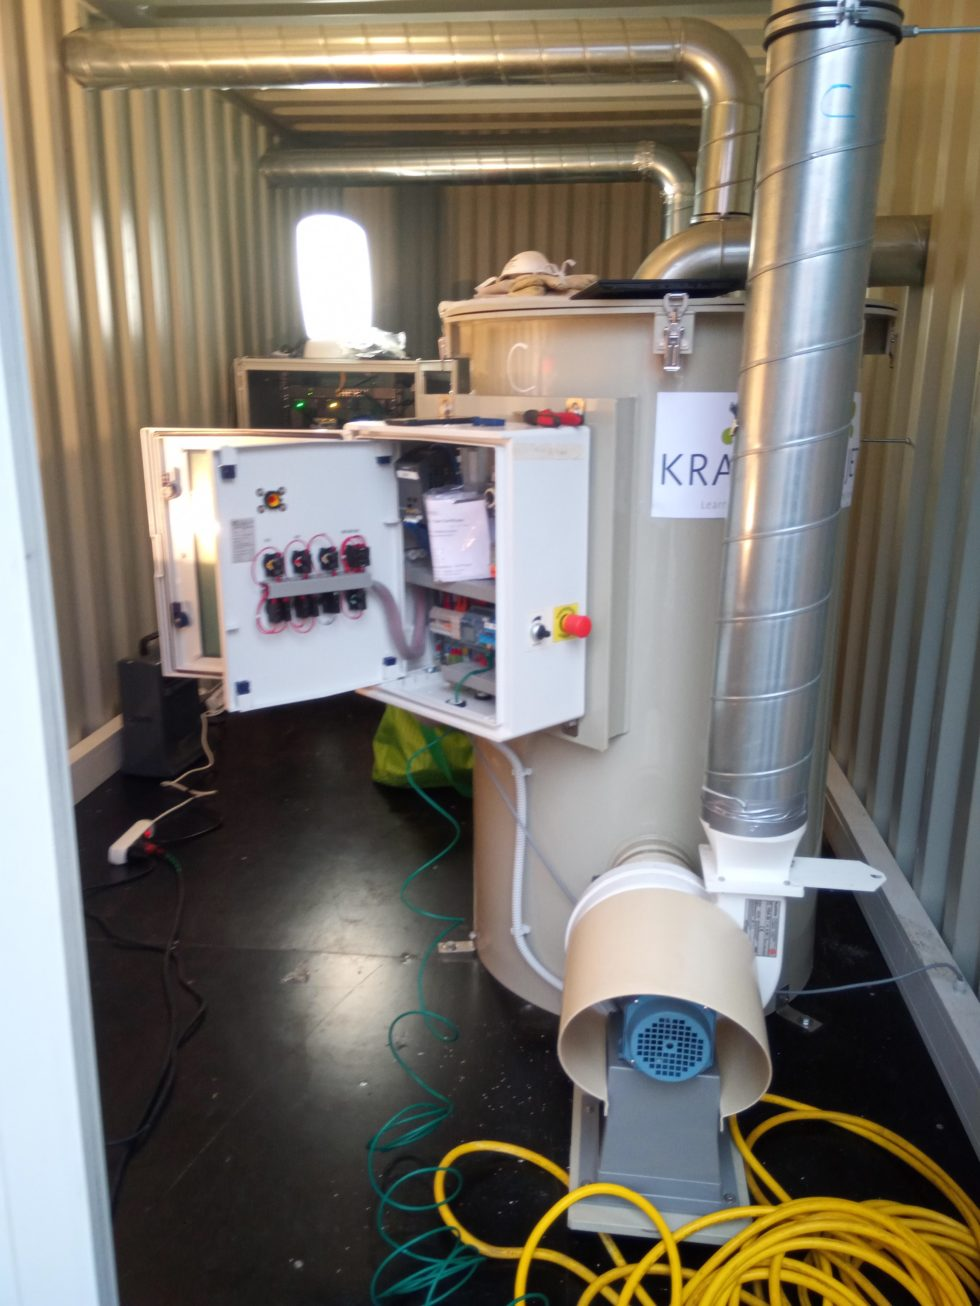 Ein Blick in den Container, der Straßenluft von Stickoxiden befreit, in Heilbronn. Ein Motor (vorne im Bild) saugt Straßenluft von der rechten Containerseite in den zylinderförmigen Aufbau. Dieser enthält das spezielle Aluminiumsilikat, an das die Stickoxide binden. Der Schaltschrank mit dem Bedienpanel ist geöffnet, die Stickoxid-Analytik steht weiter hinten. Die gereinigte Abluft wird durch das Rohr (vorne im Bild) nach draußen geleitet. Foto: Alexander Krajete